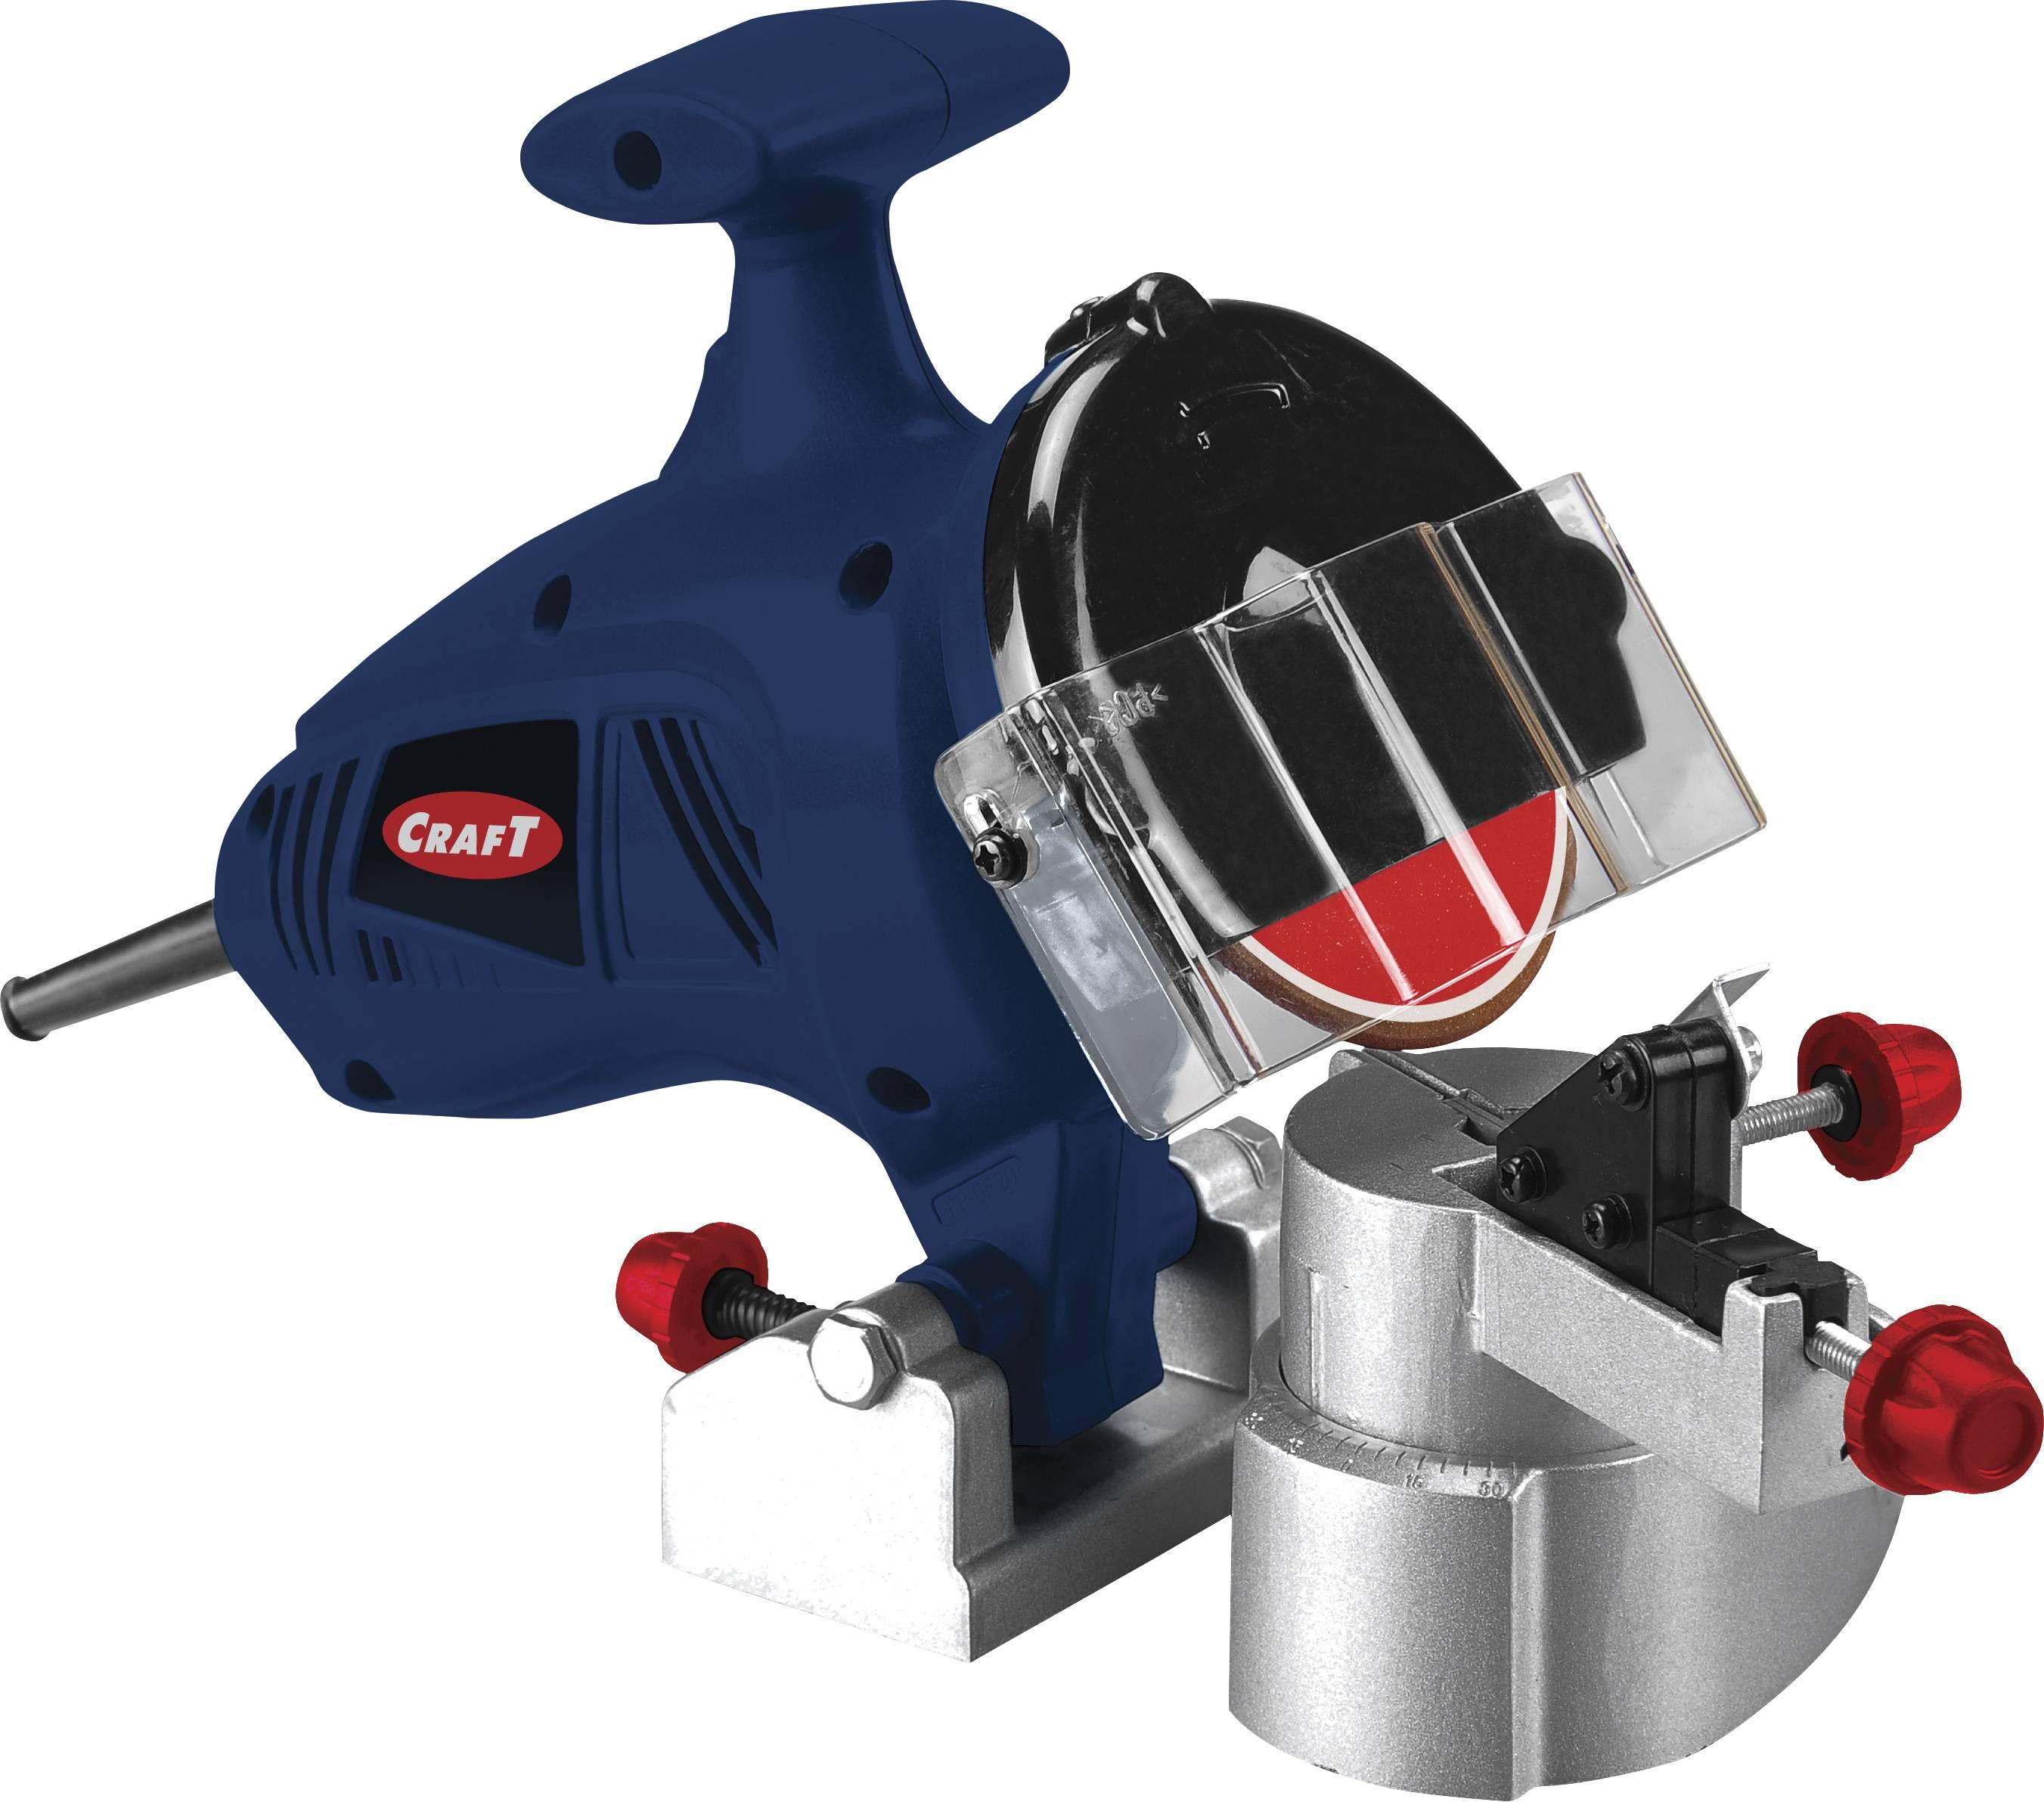 Покупаем станок для заточки цепей бензопил: критерии выбора производительного оборудования